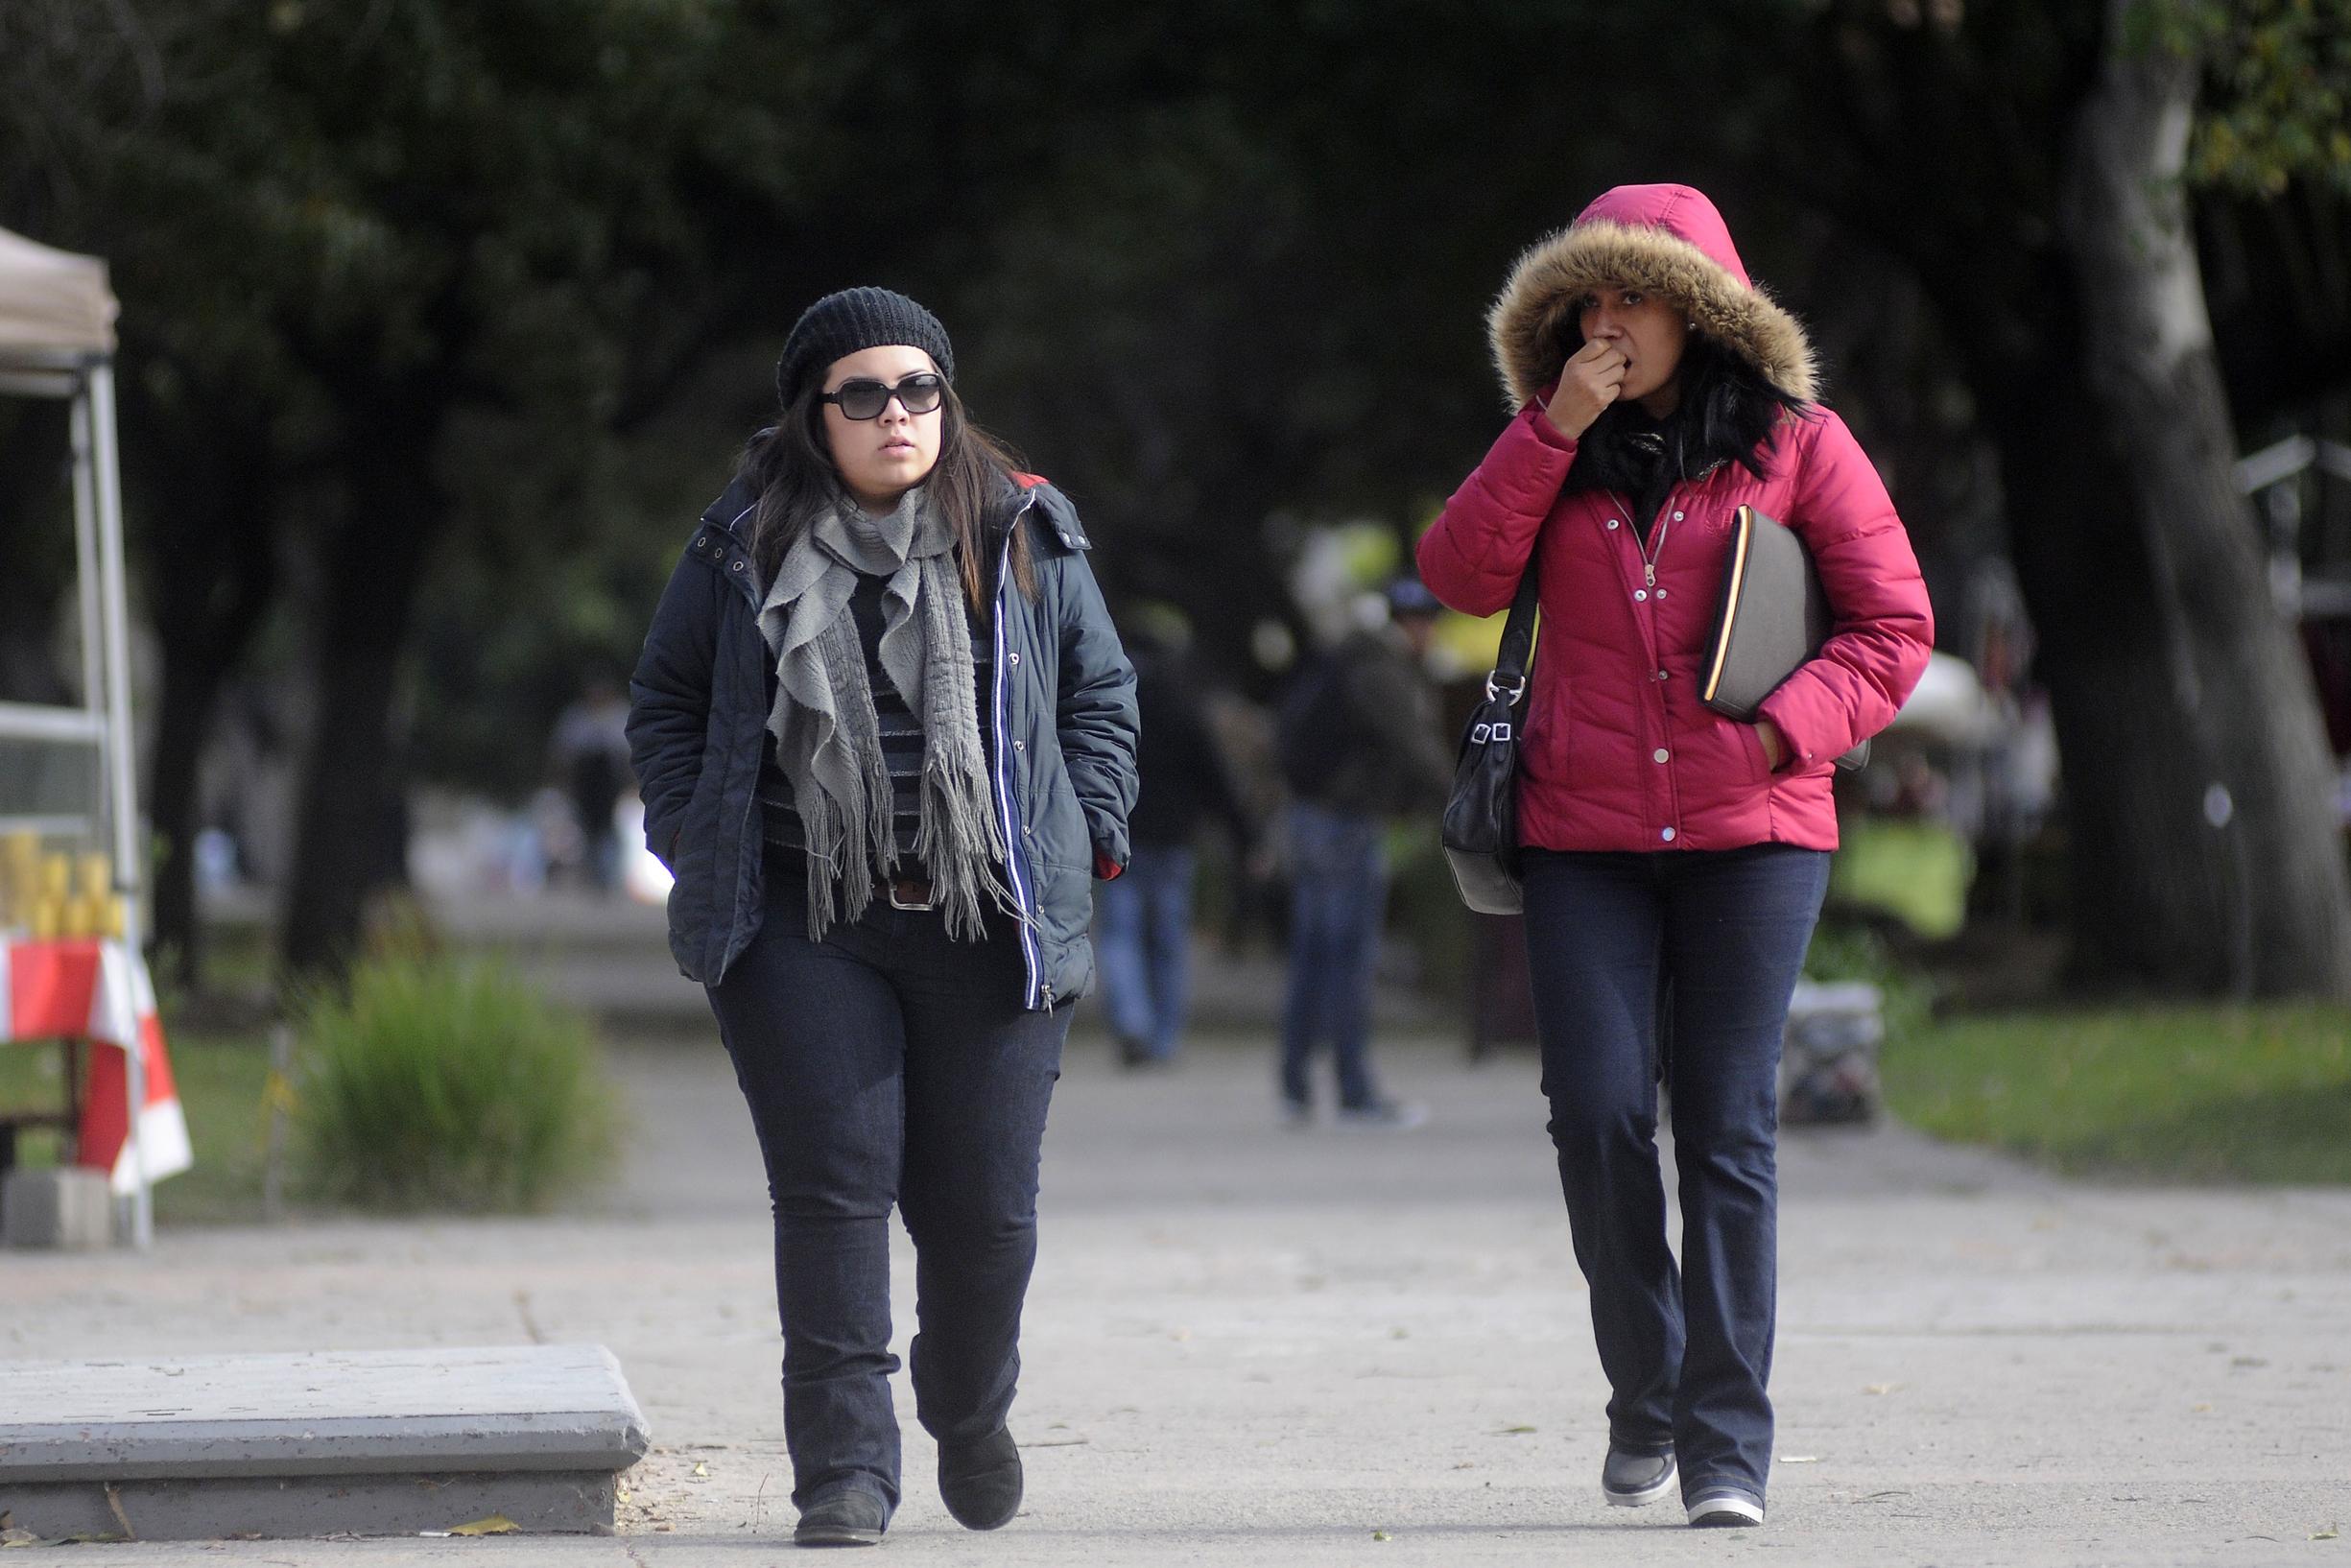 Abrigos de clima frio